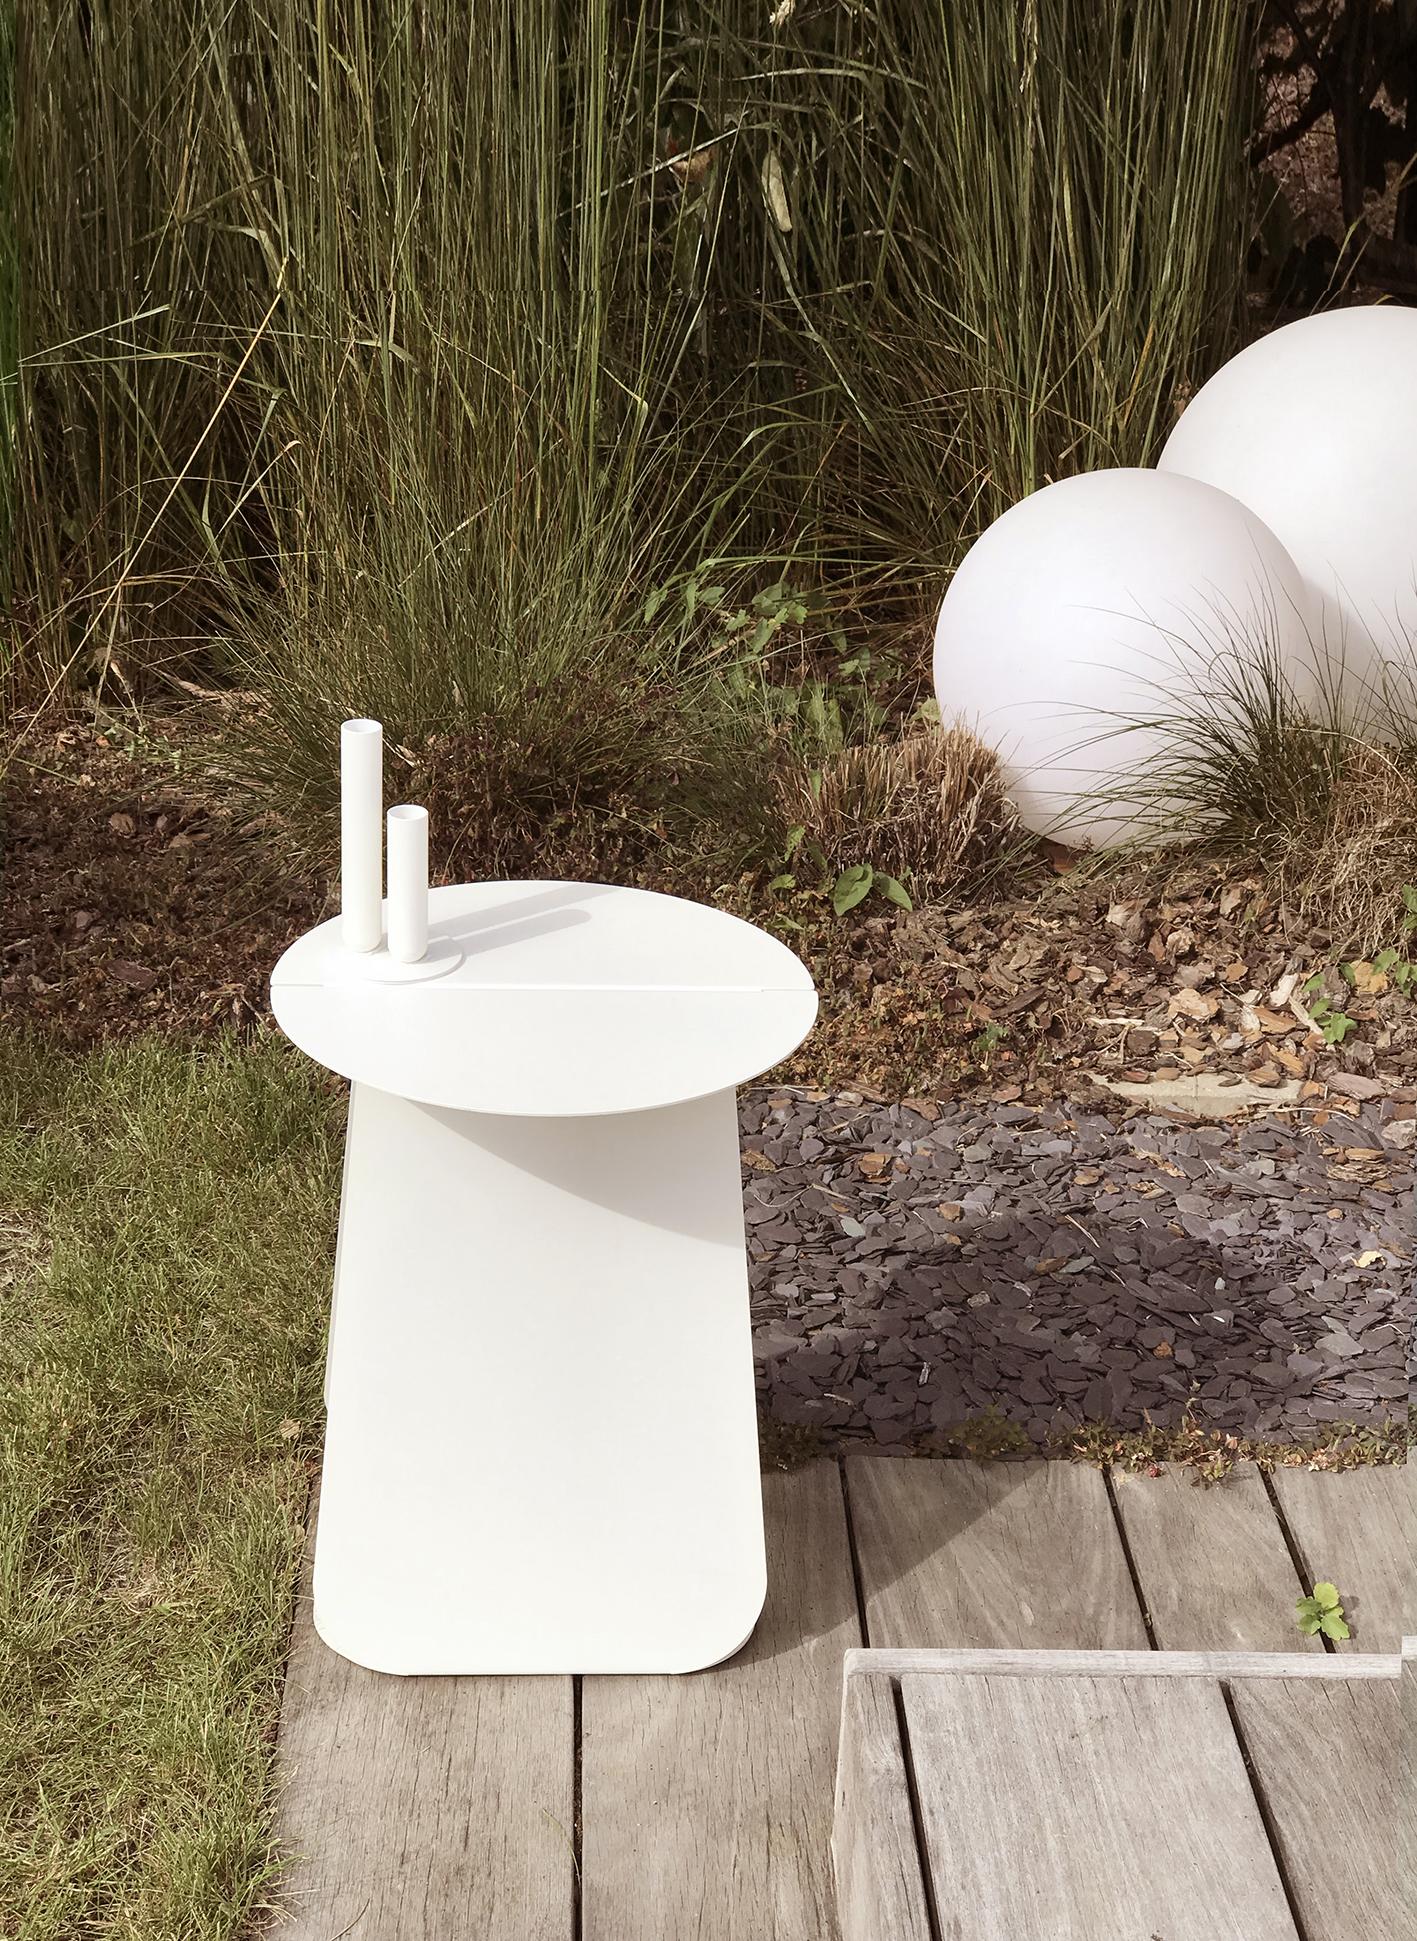 soliflore blanc jardin basse def